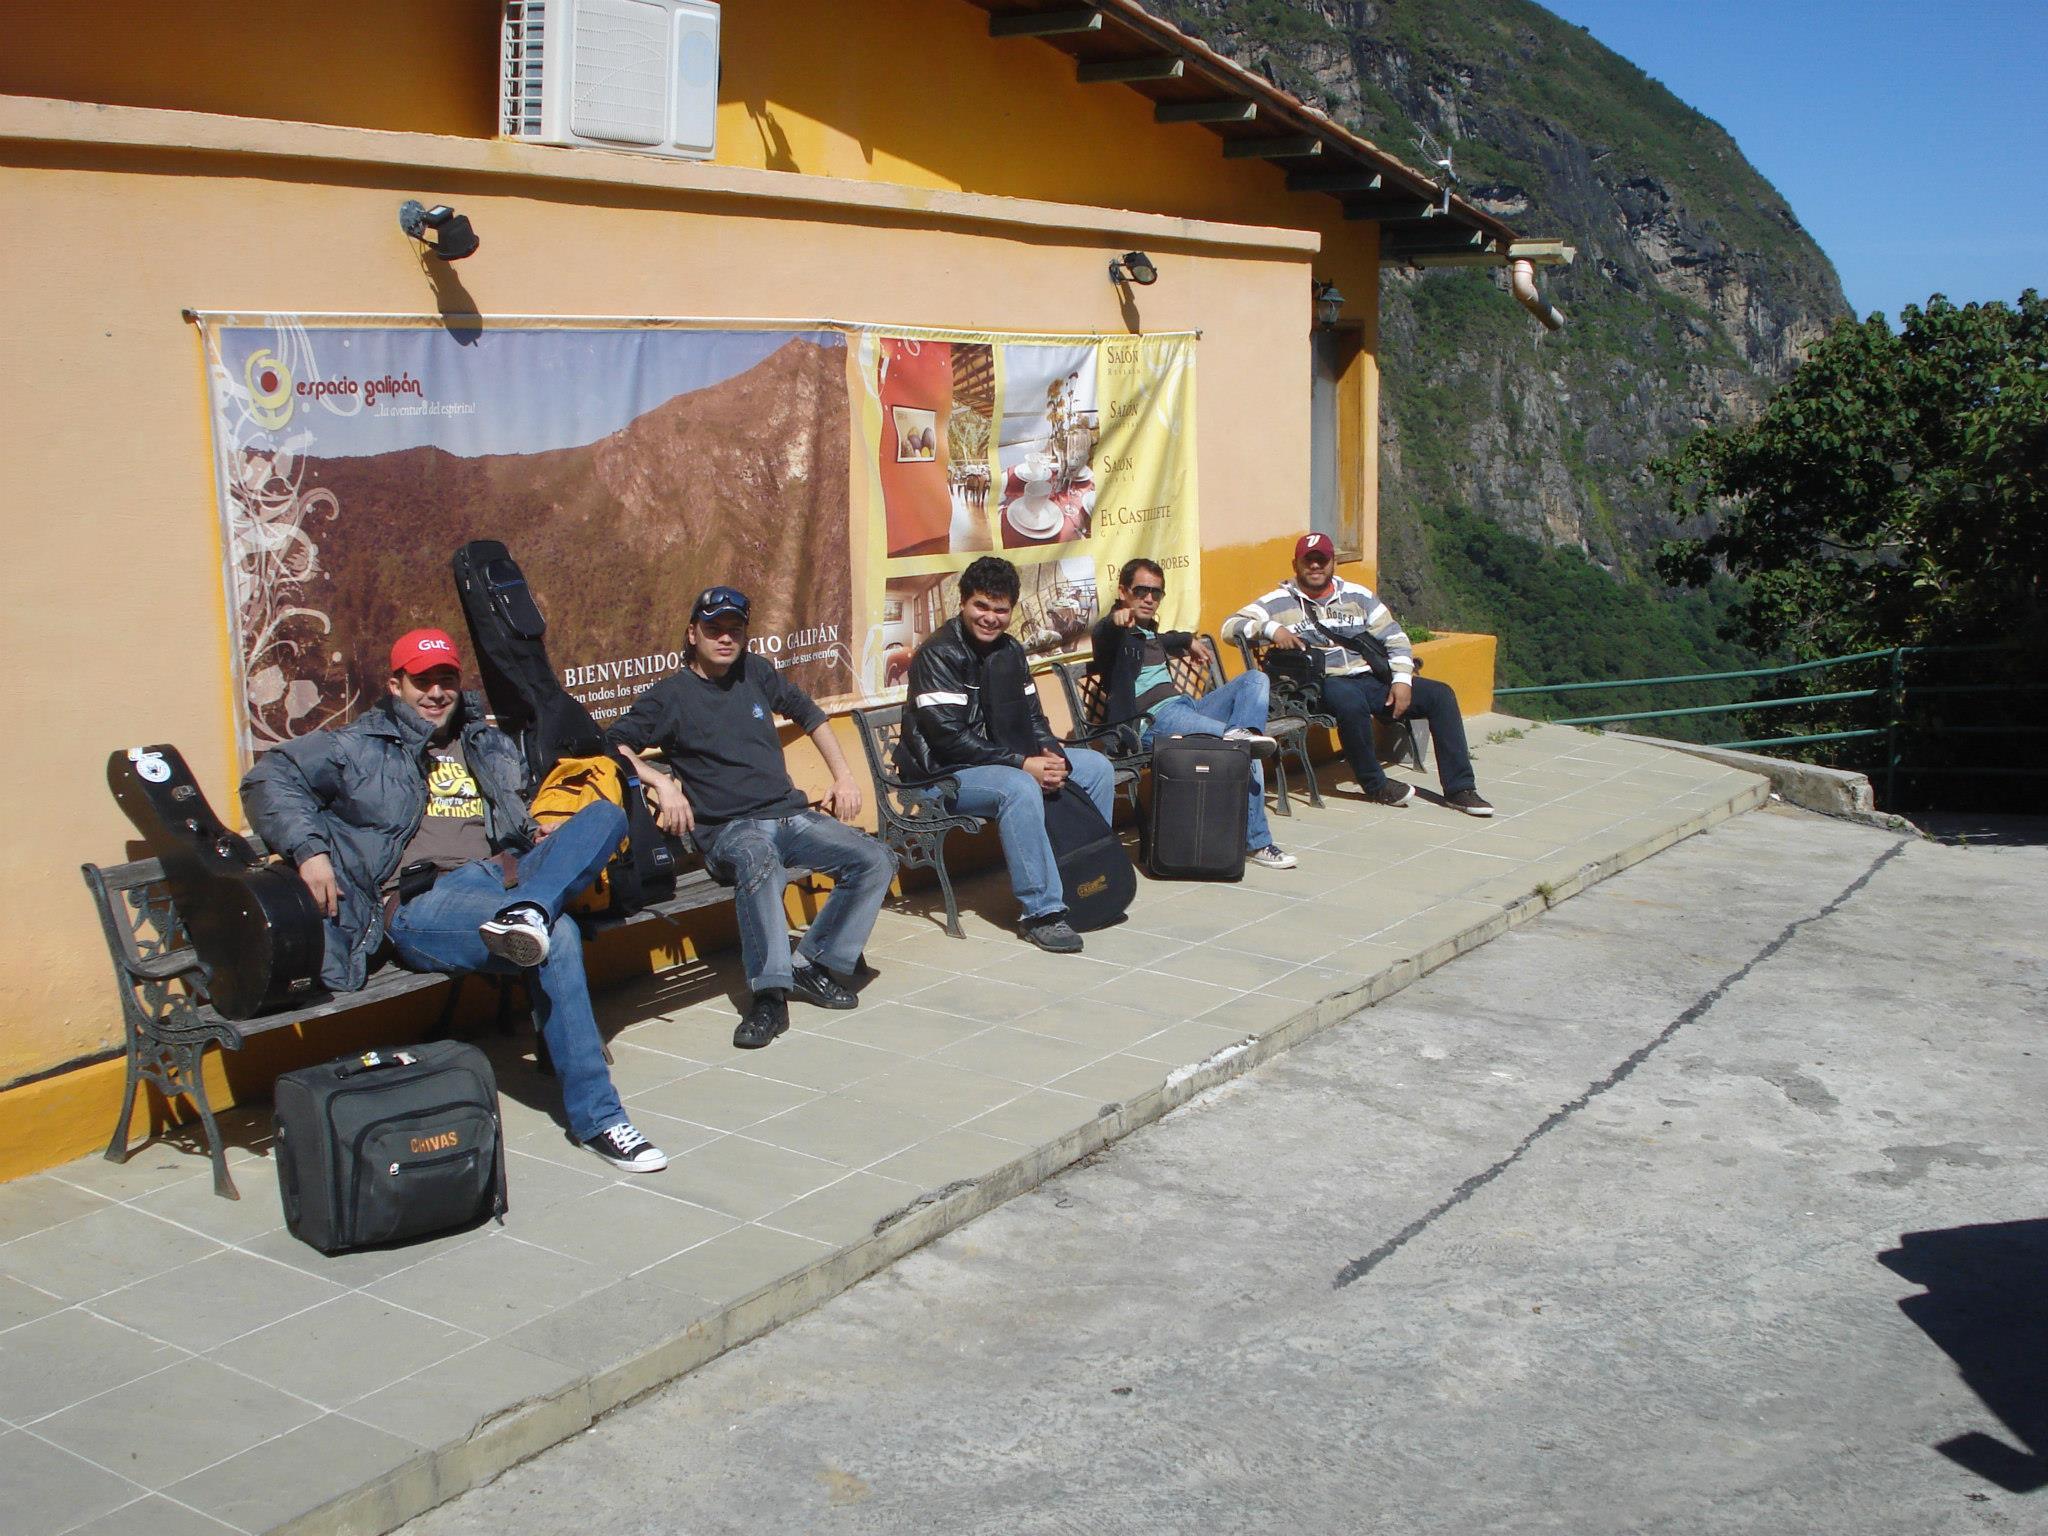 EN Cafeconser Espacio Galipan — con Mayeli De Marchán, Argenis Alexander Corvo Urbano, Espacio Galipan Cafeconser, Rafael Marchan, Rafael Nieto, Ensamble Percujazz y Sergio Escobar.